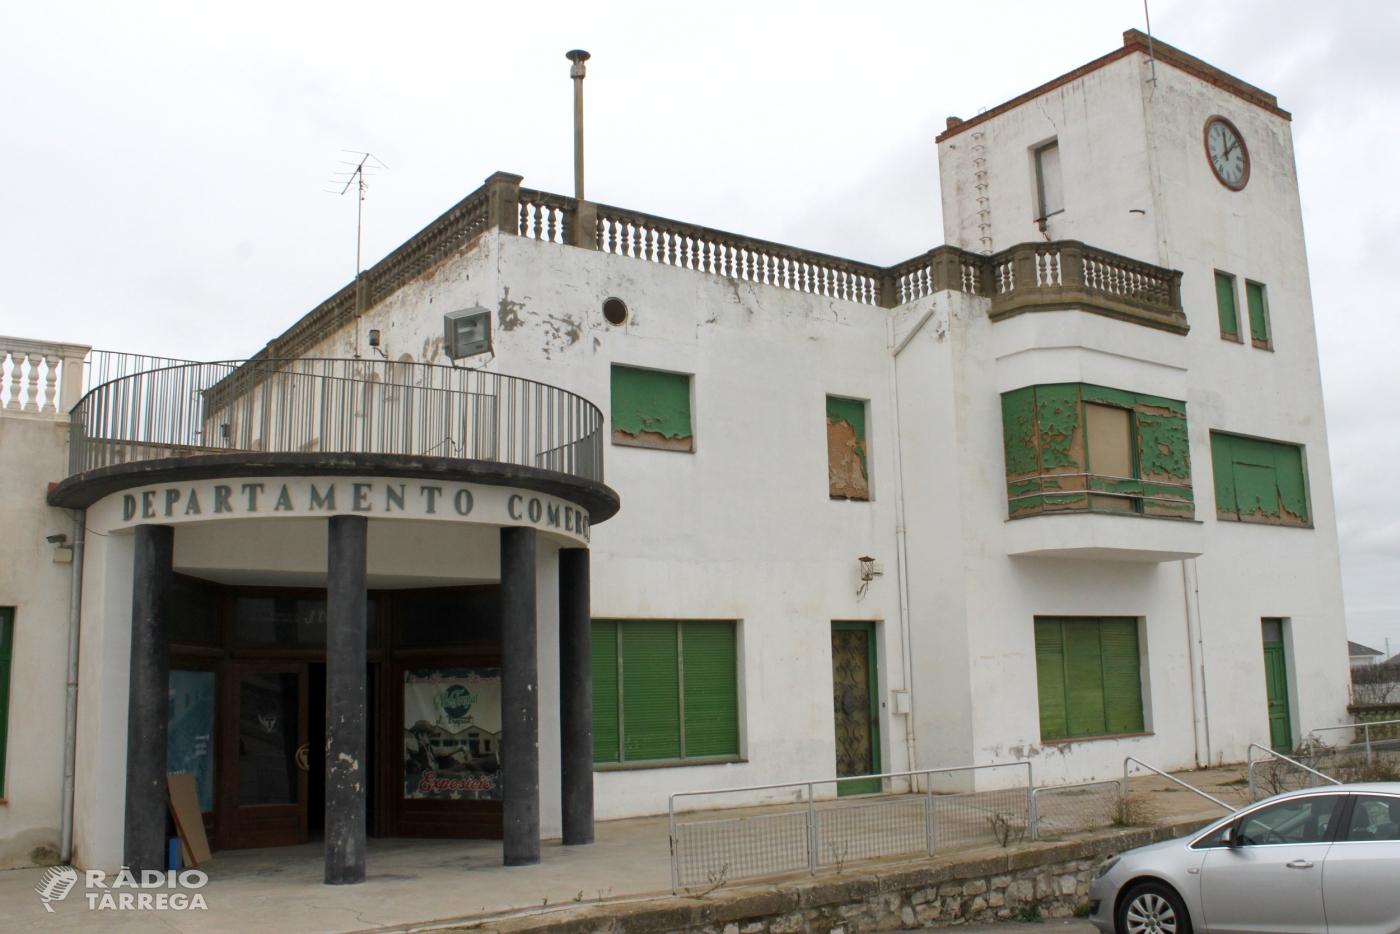 El nou pressupost municipal de Tàrrega ascendeix a 17,8 milions d'euros i reforça la prestació de serveis a la ciutadania davant la crisi de la Covid-19